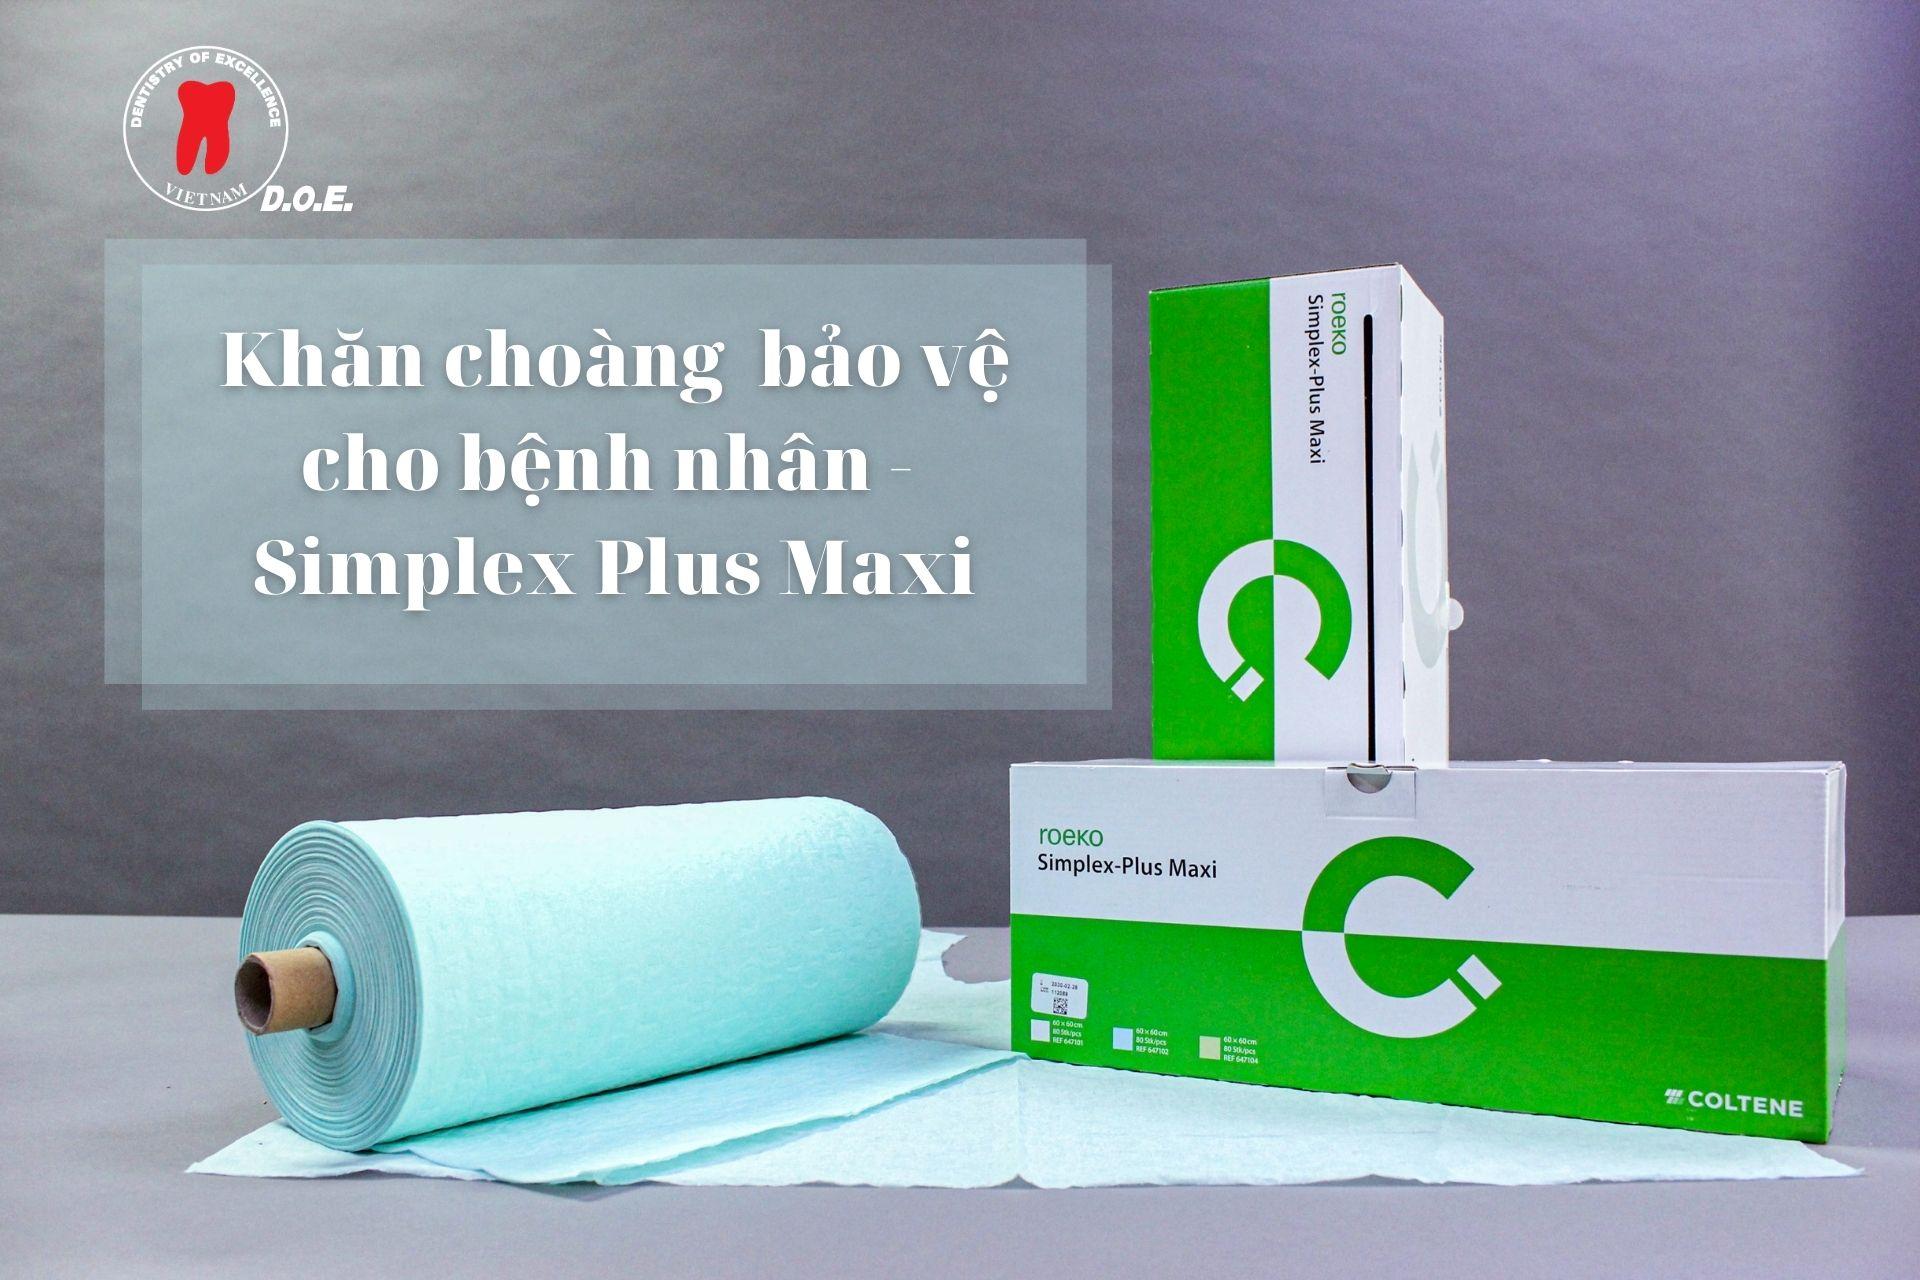 Khăn choàng bảo vệ cho bệnh nhân Simplex Plus Maxi -min